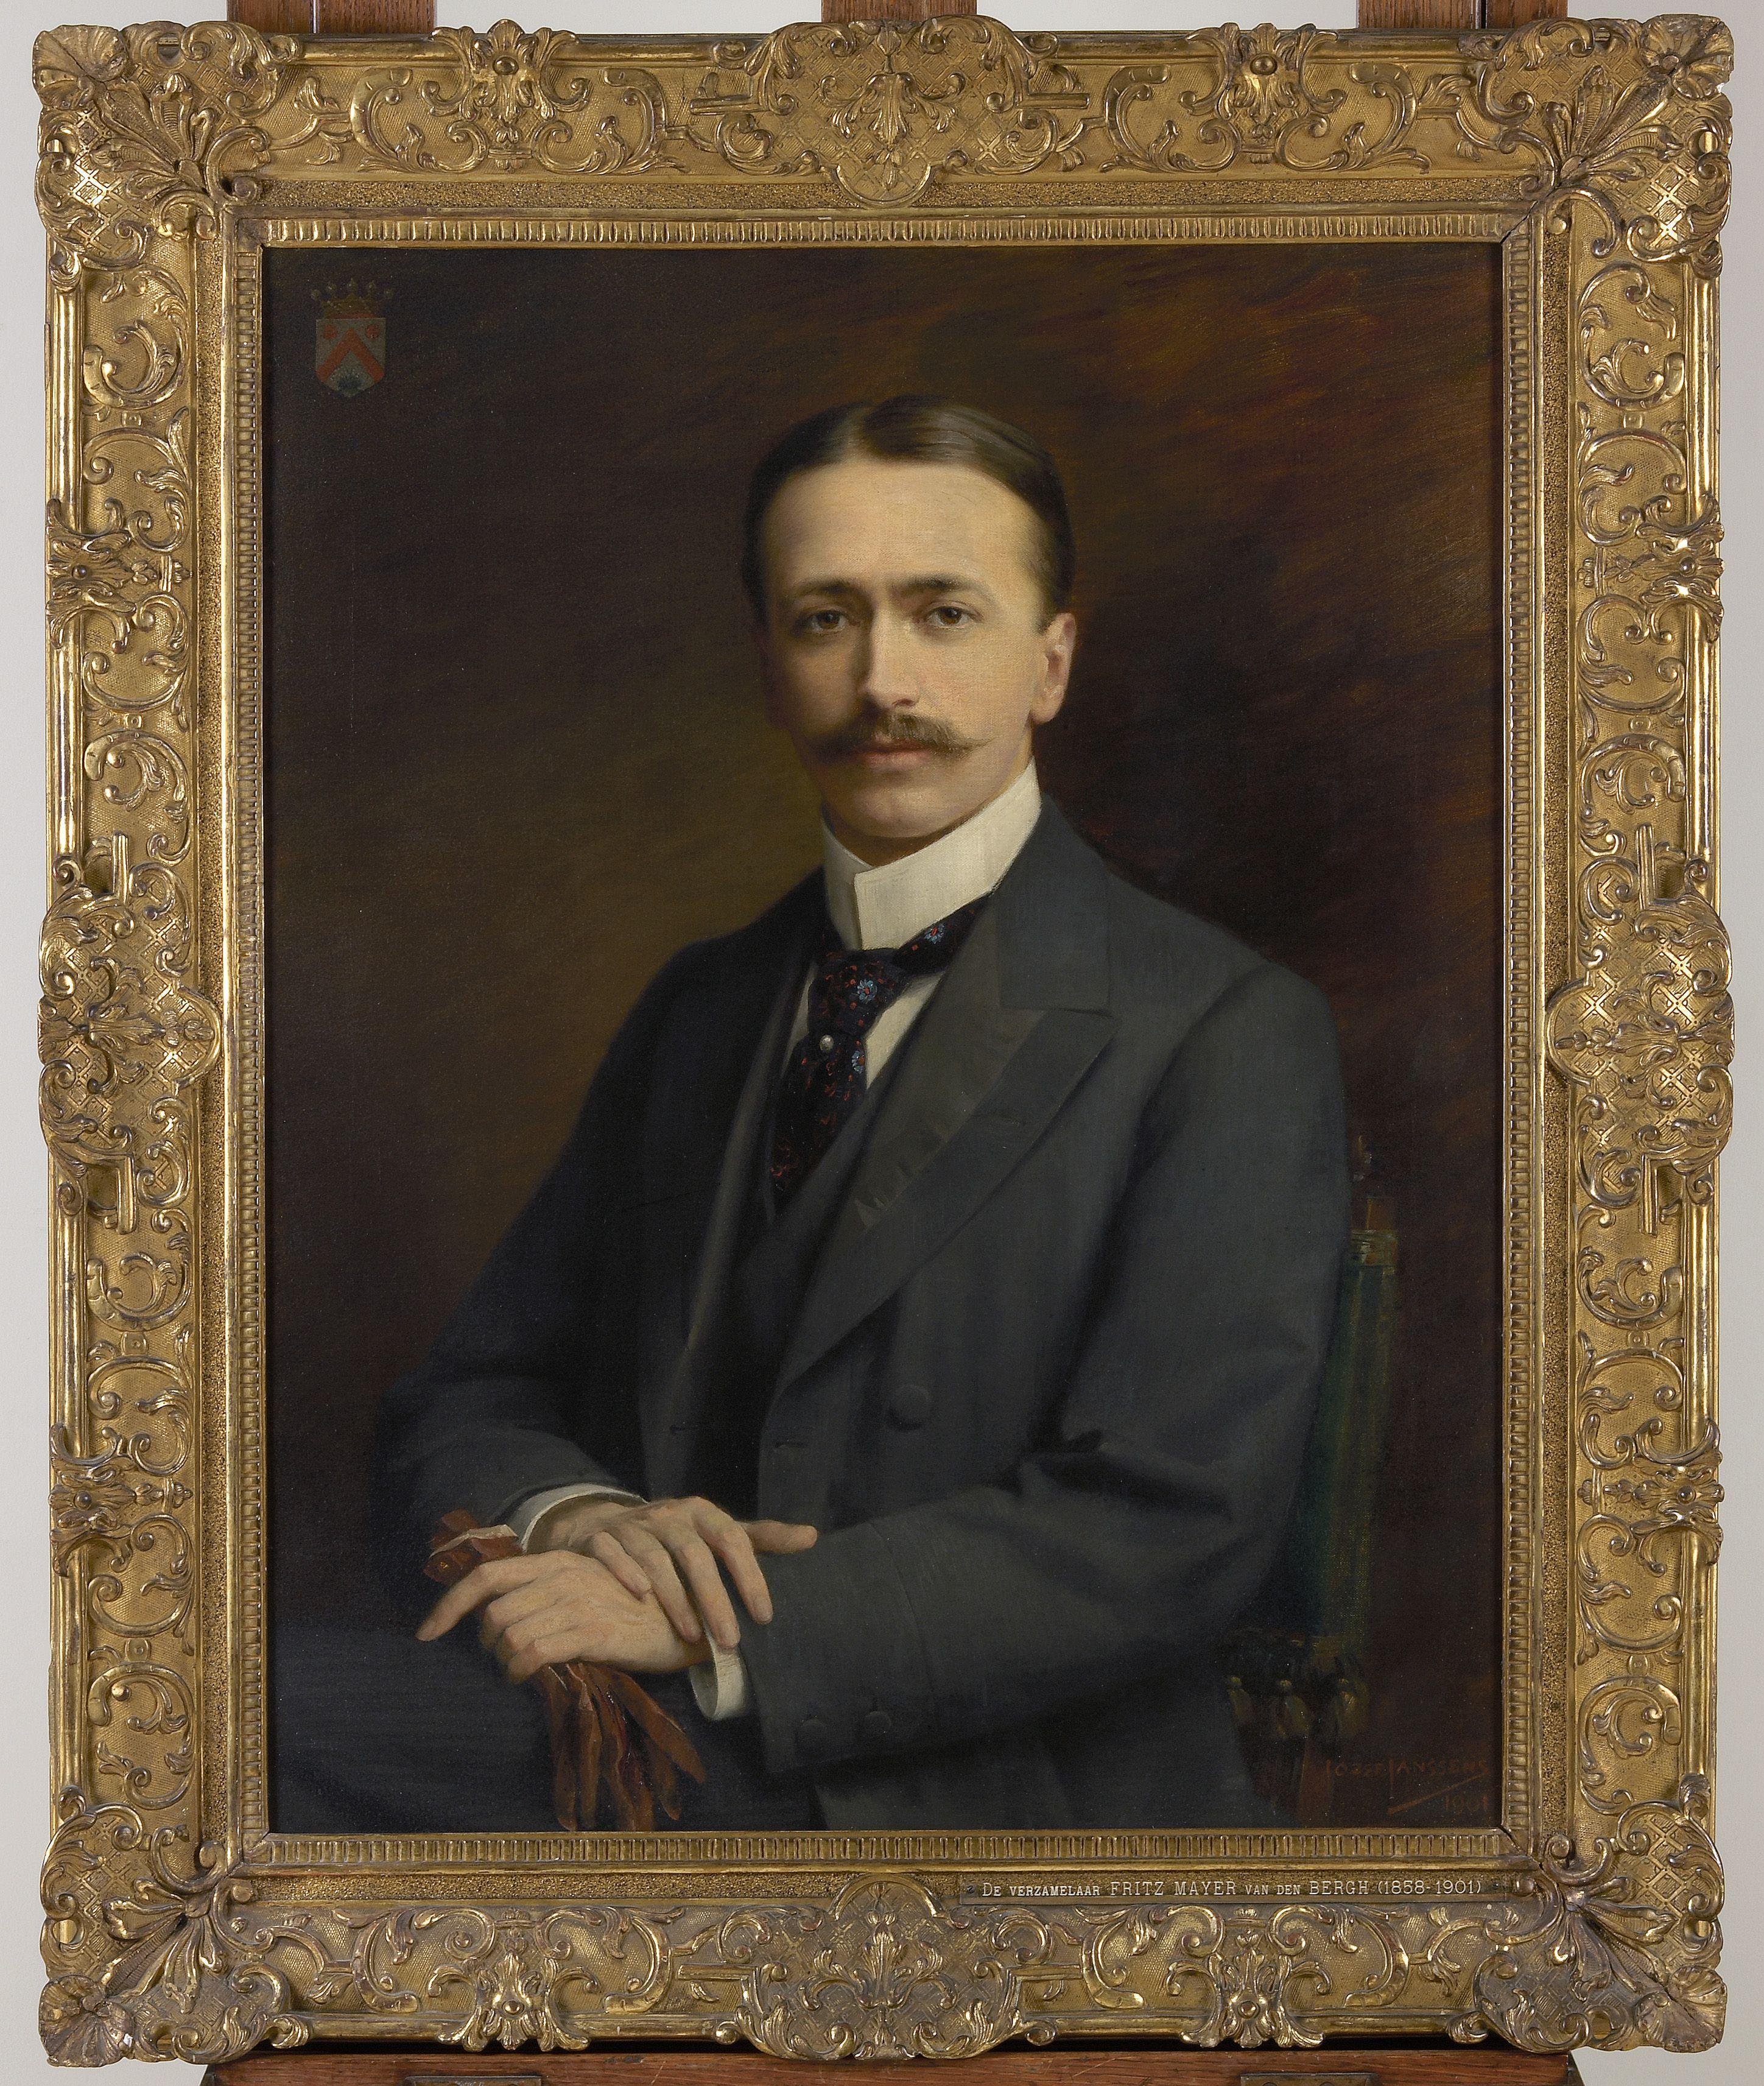 Van-Fouquet-tot-Bruegel_5_-Jozef-Janssens-Portret-van-Fritz-Mayer-van-Den-Bergh-1901-Museum-Mayer-van-den-Bergh